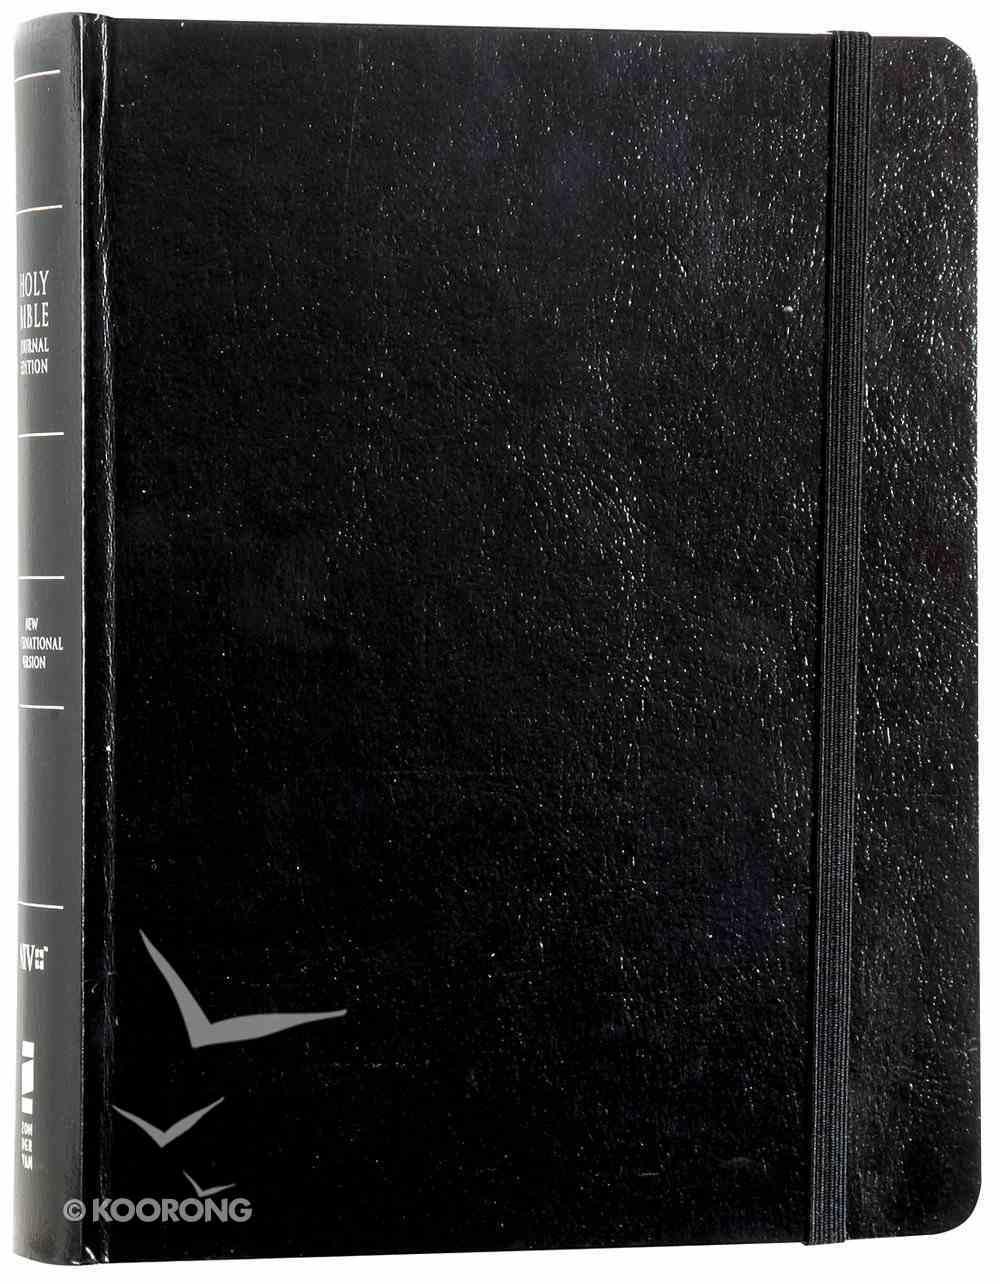 NIV Single-Column Journaling Bible Black Hardback